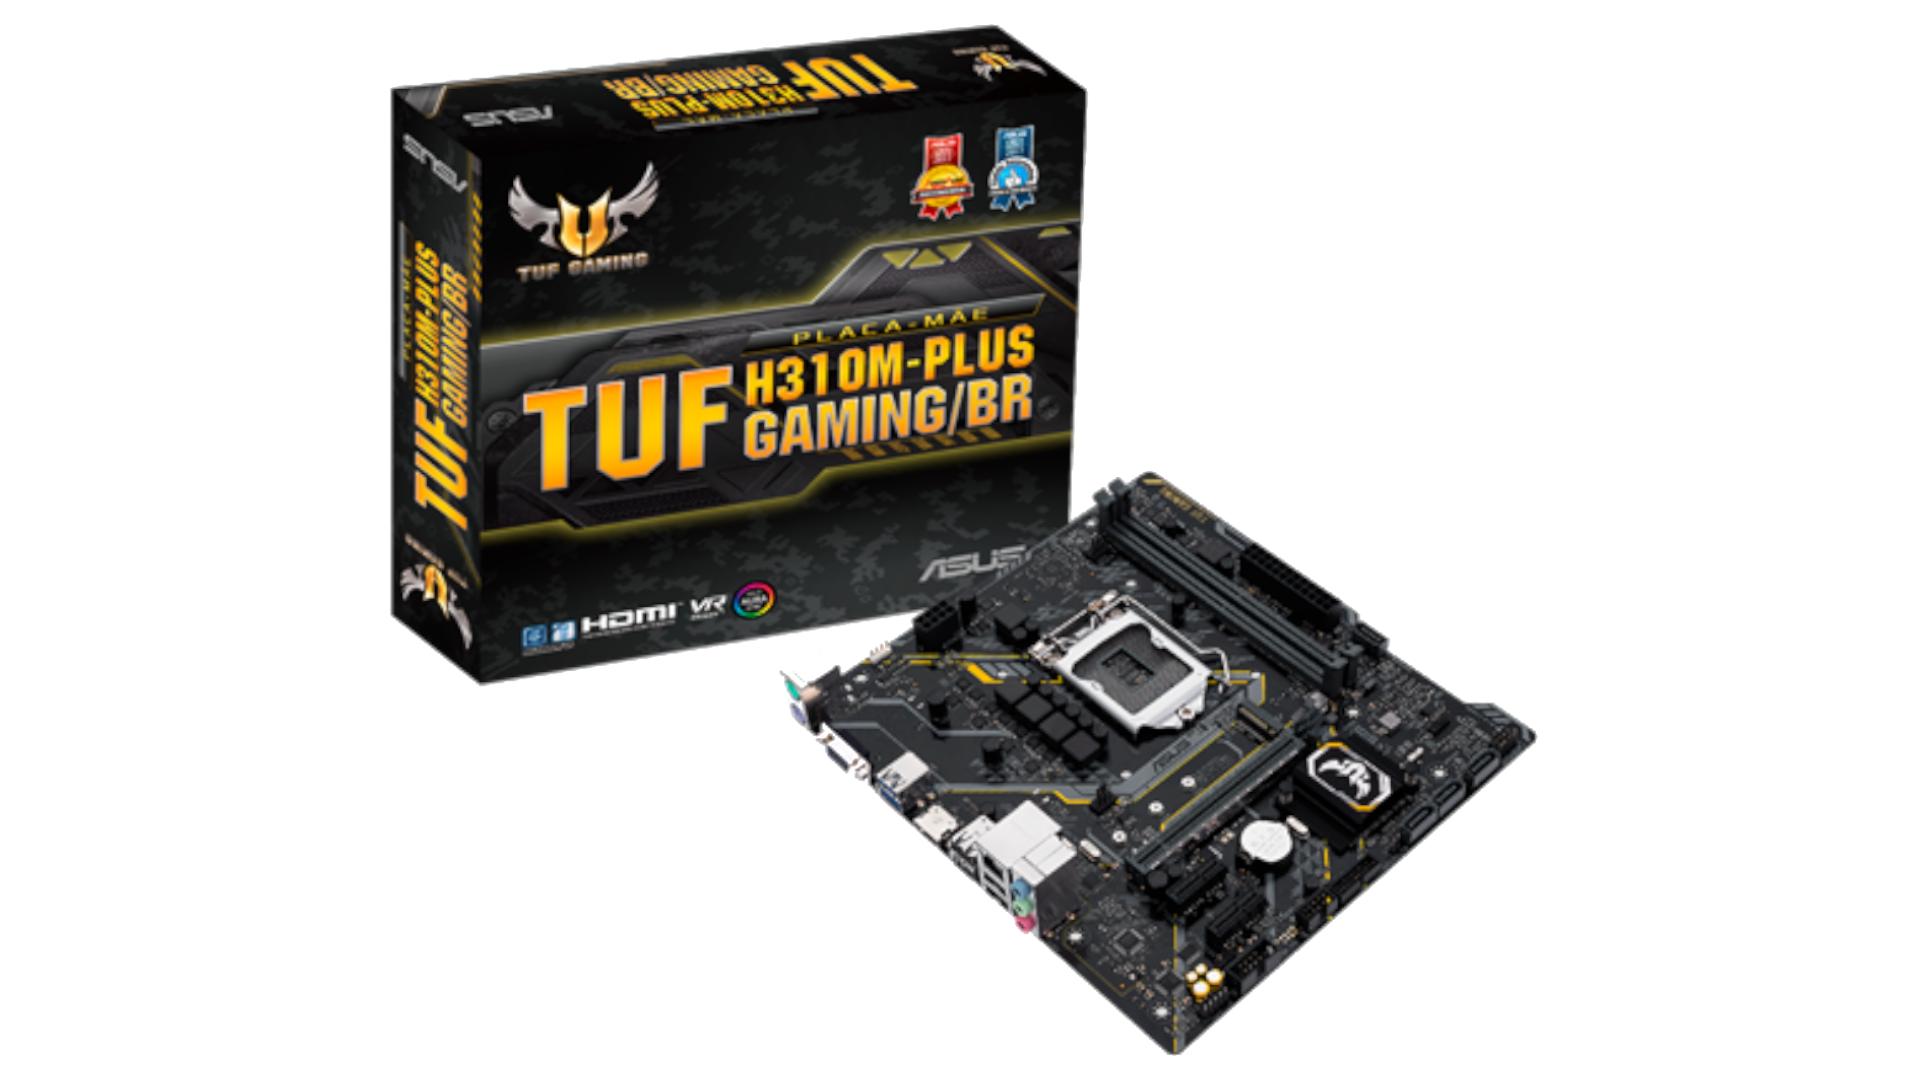 Foto mostra placa-mãe gamer Intel e embalagem